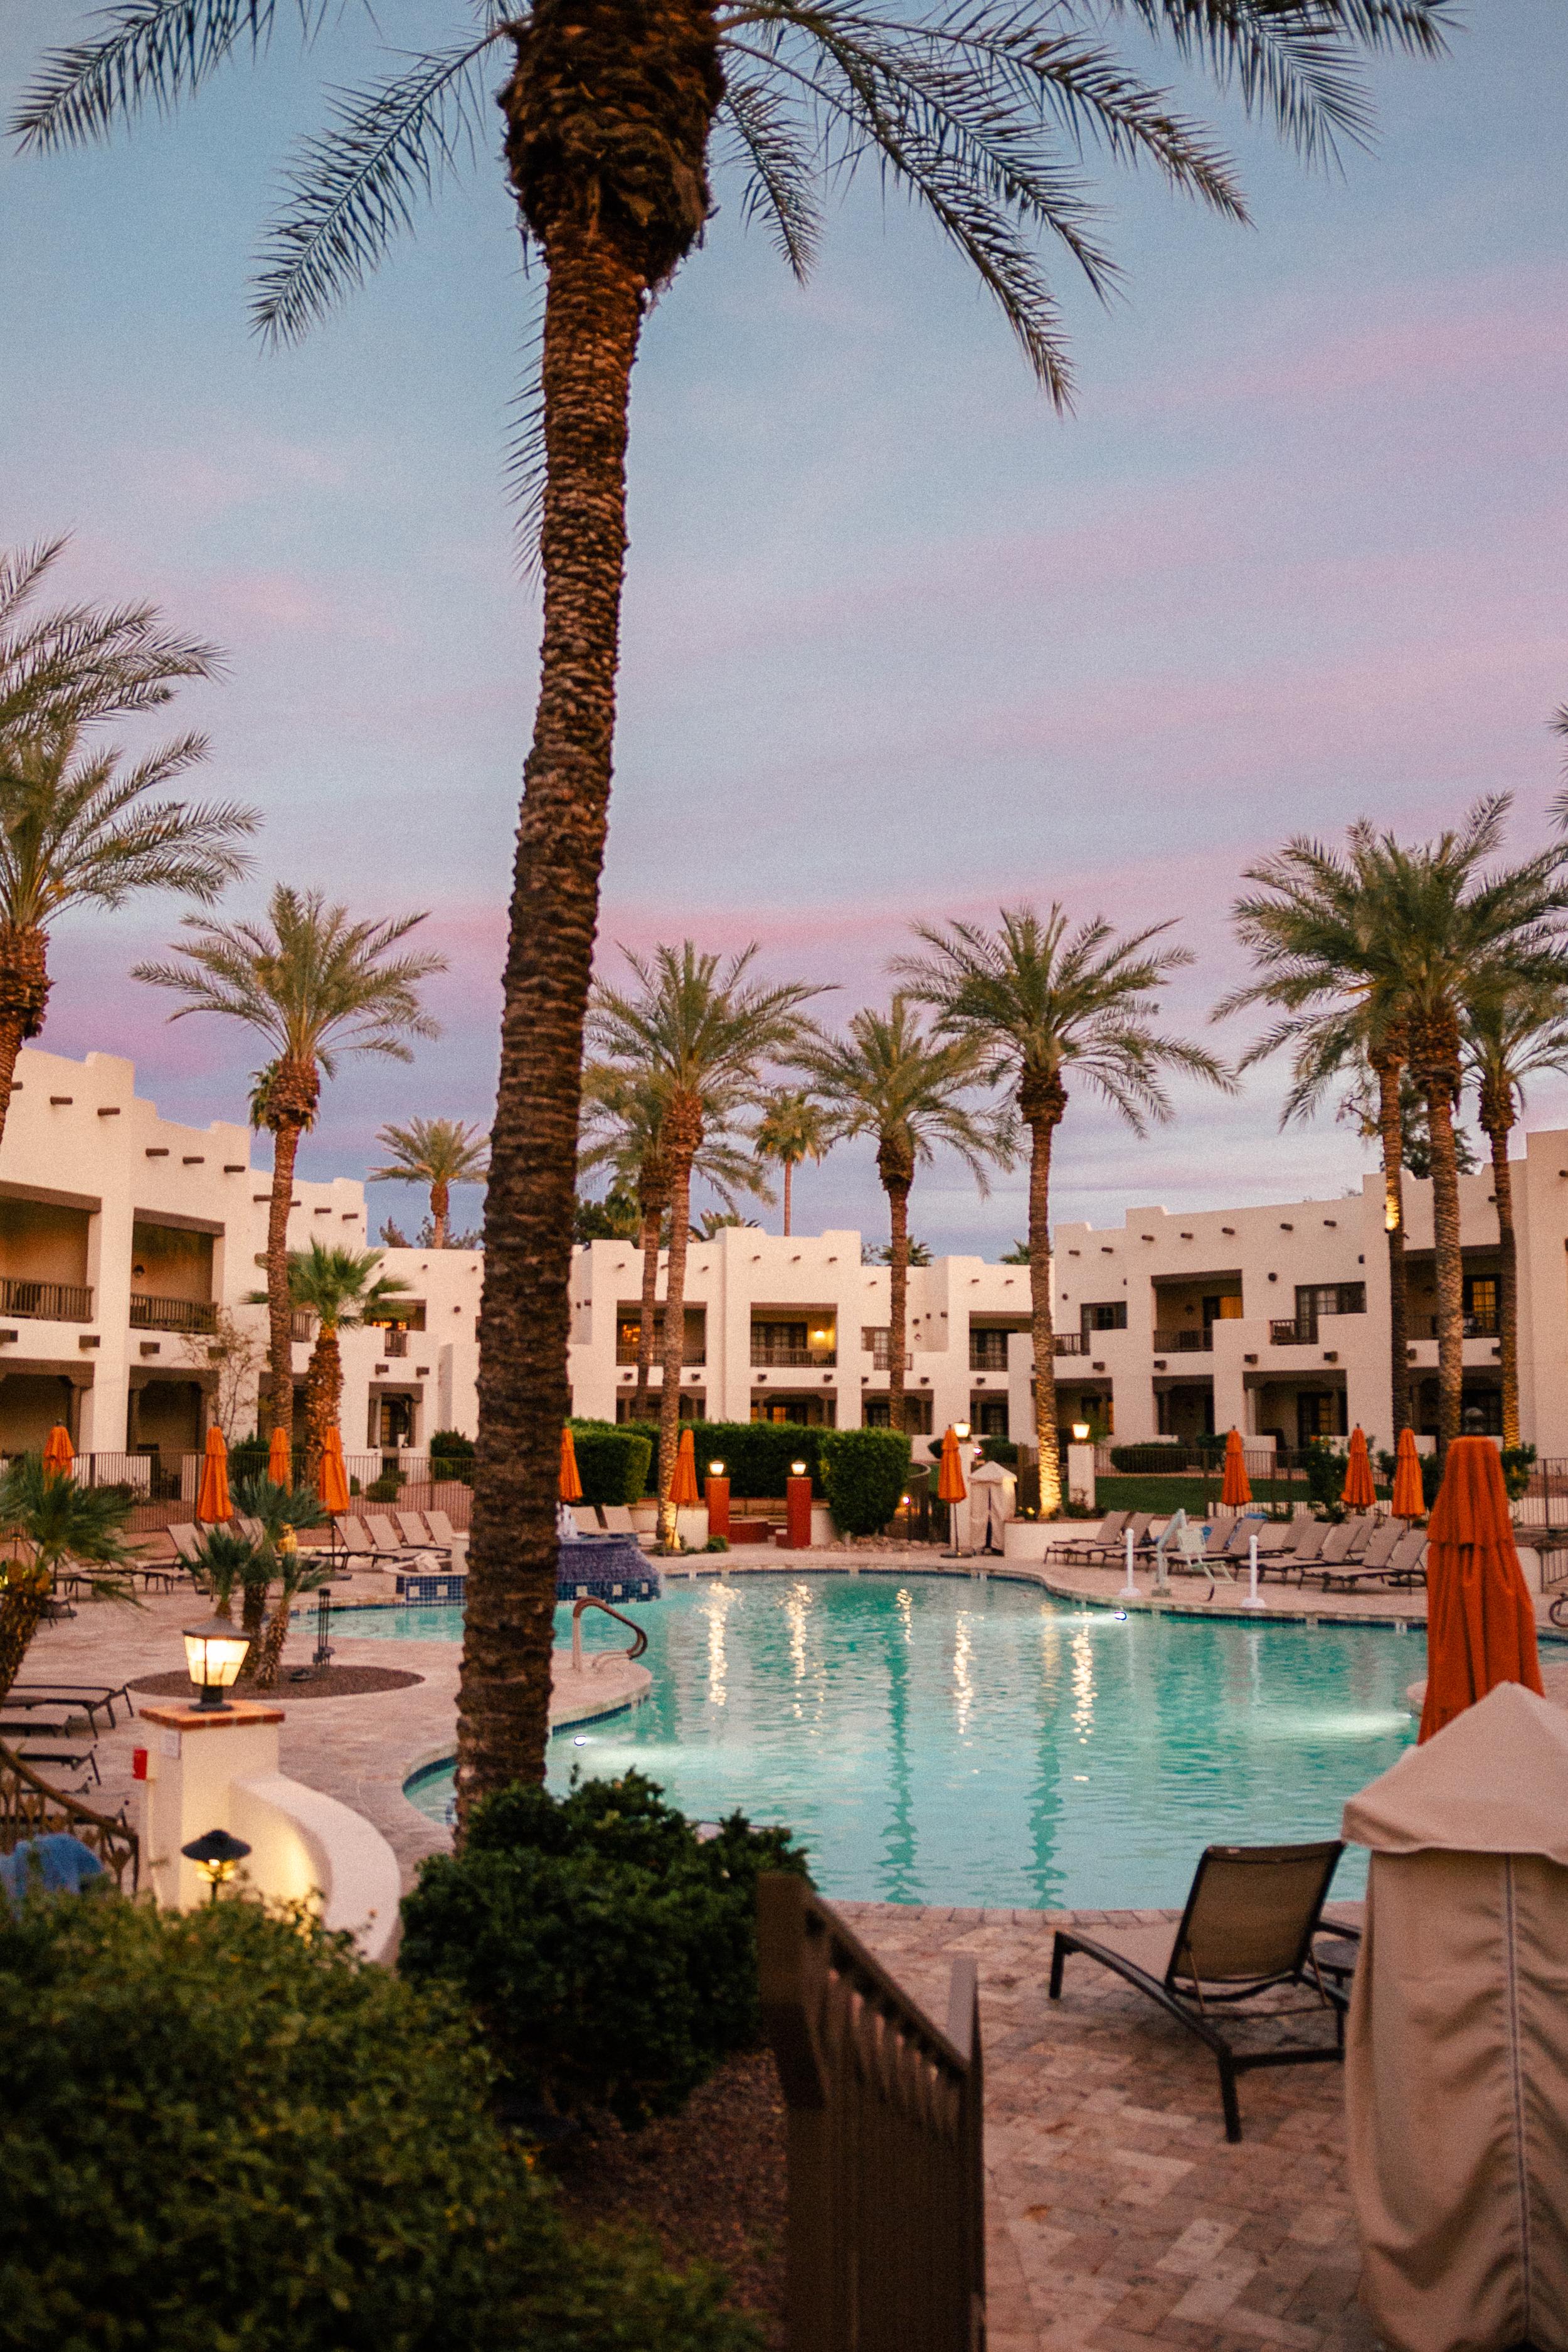 wigwam resort arizona 47